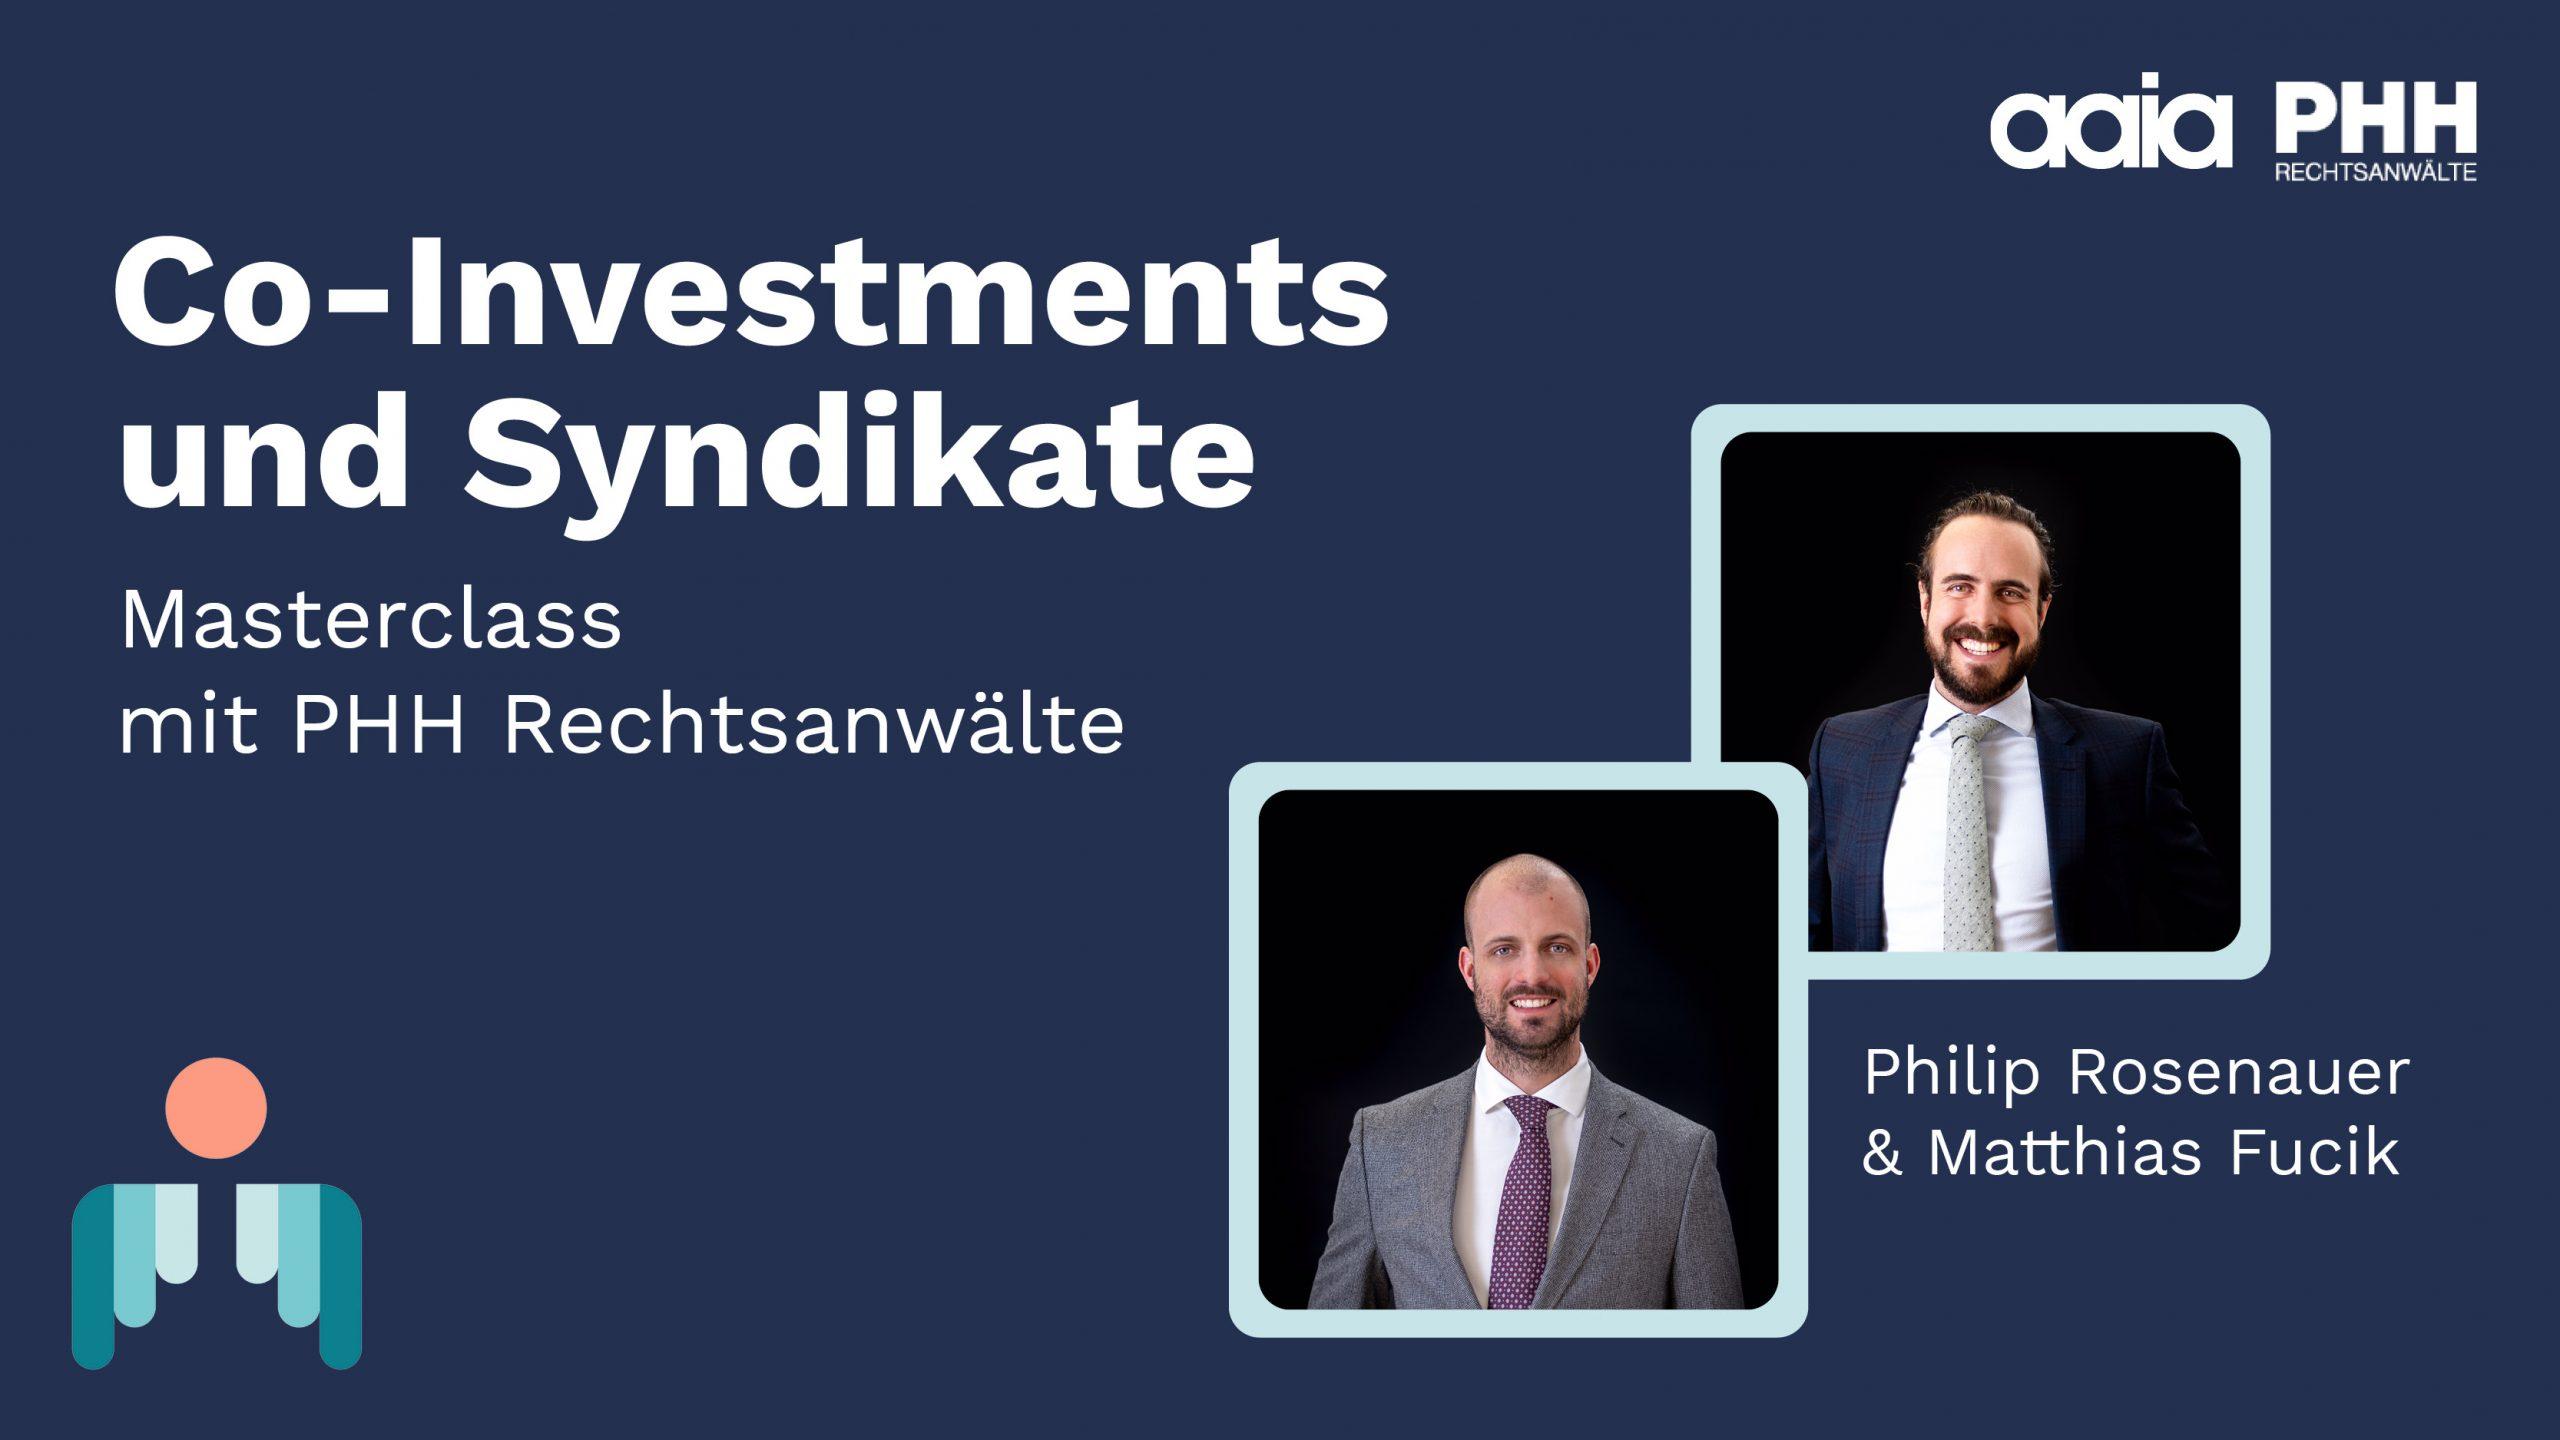 Masterclass mit Philip Rosenauer und Matthias Fucik von PHH Rechtsanwälte über Co-Investments und Syndikate